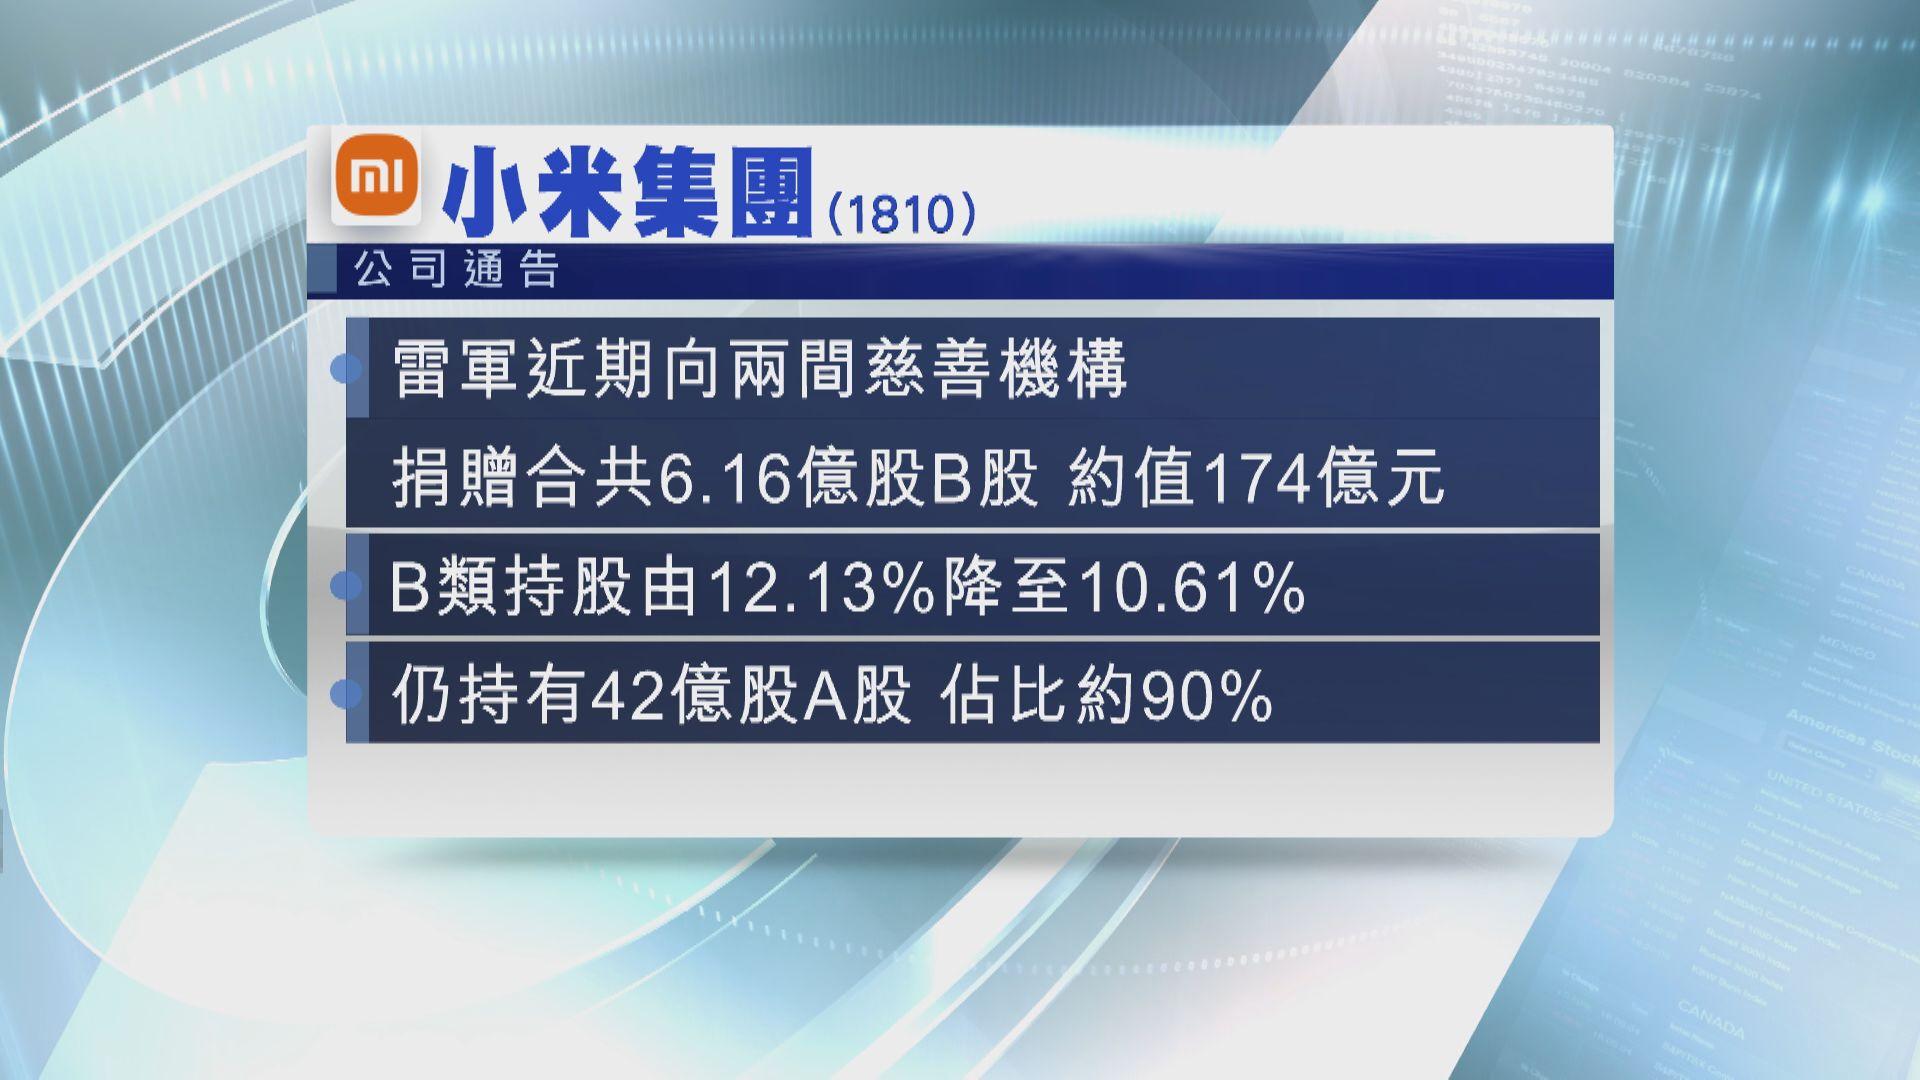 雷軍向兩慈善機構捐6.16億股B股